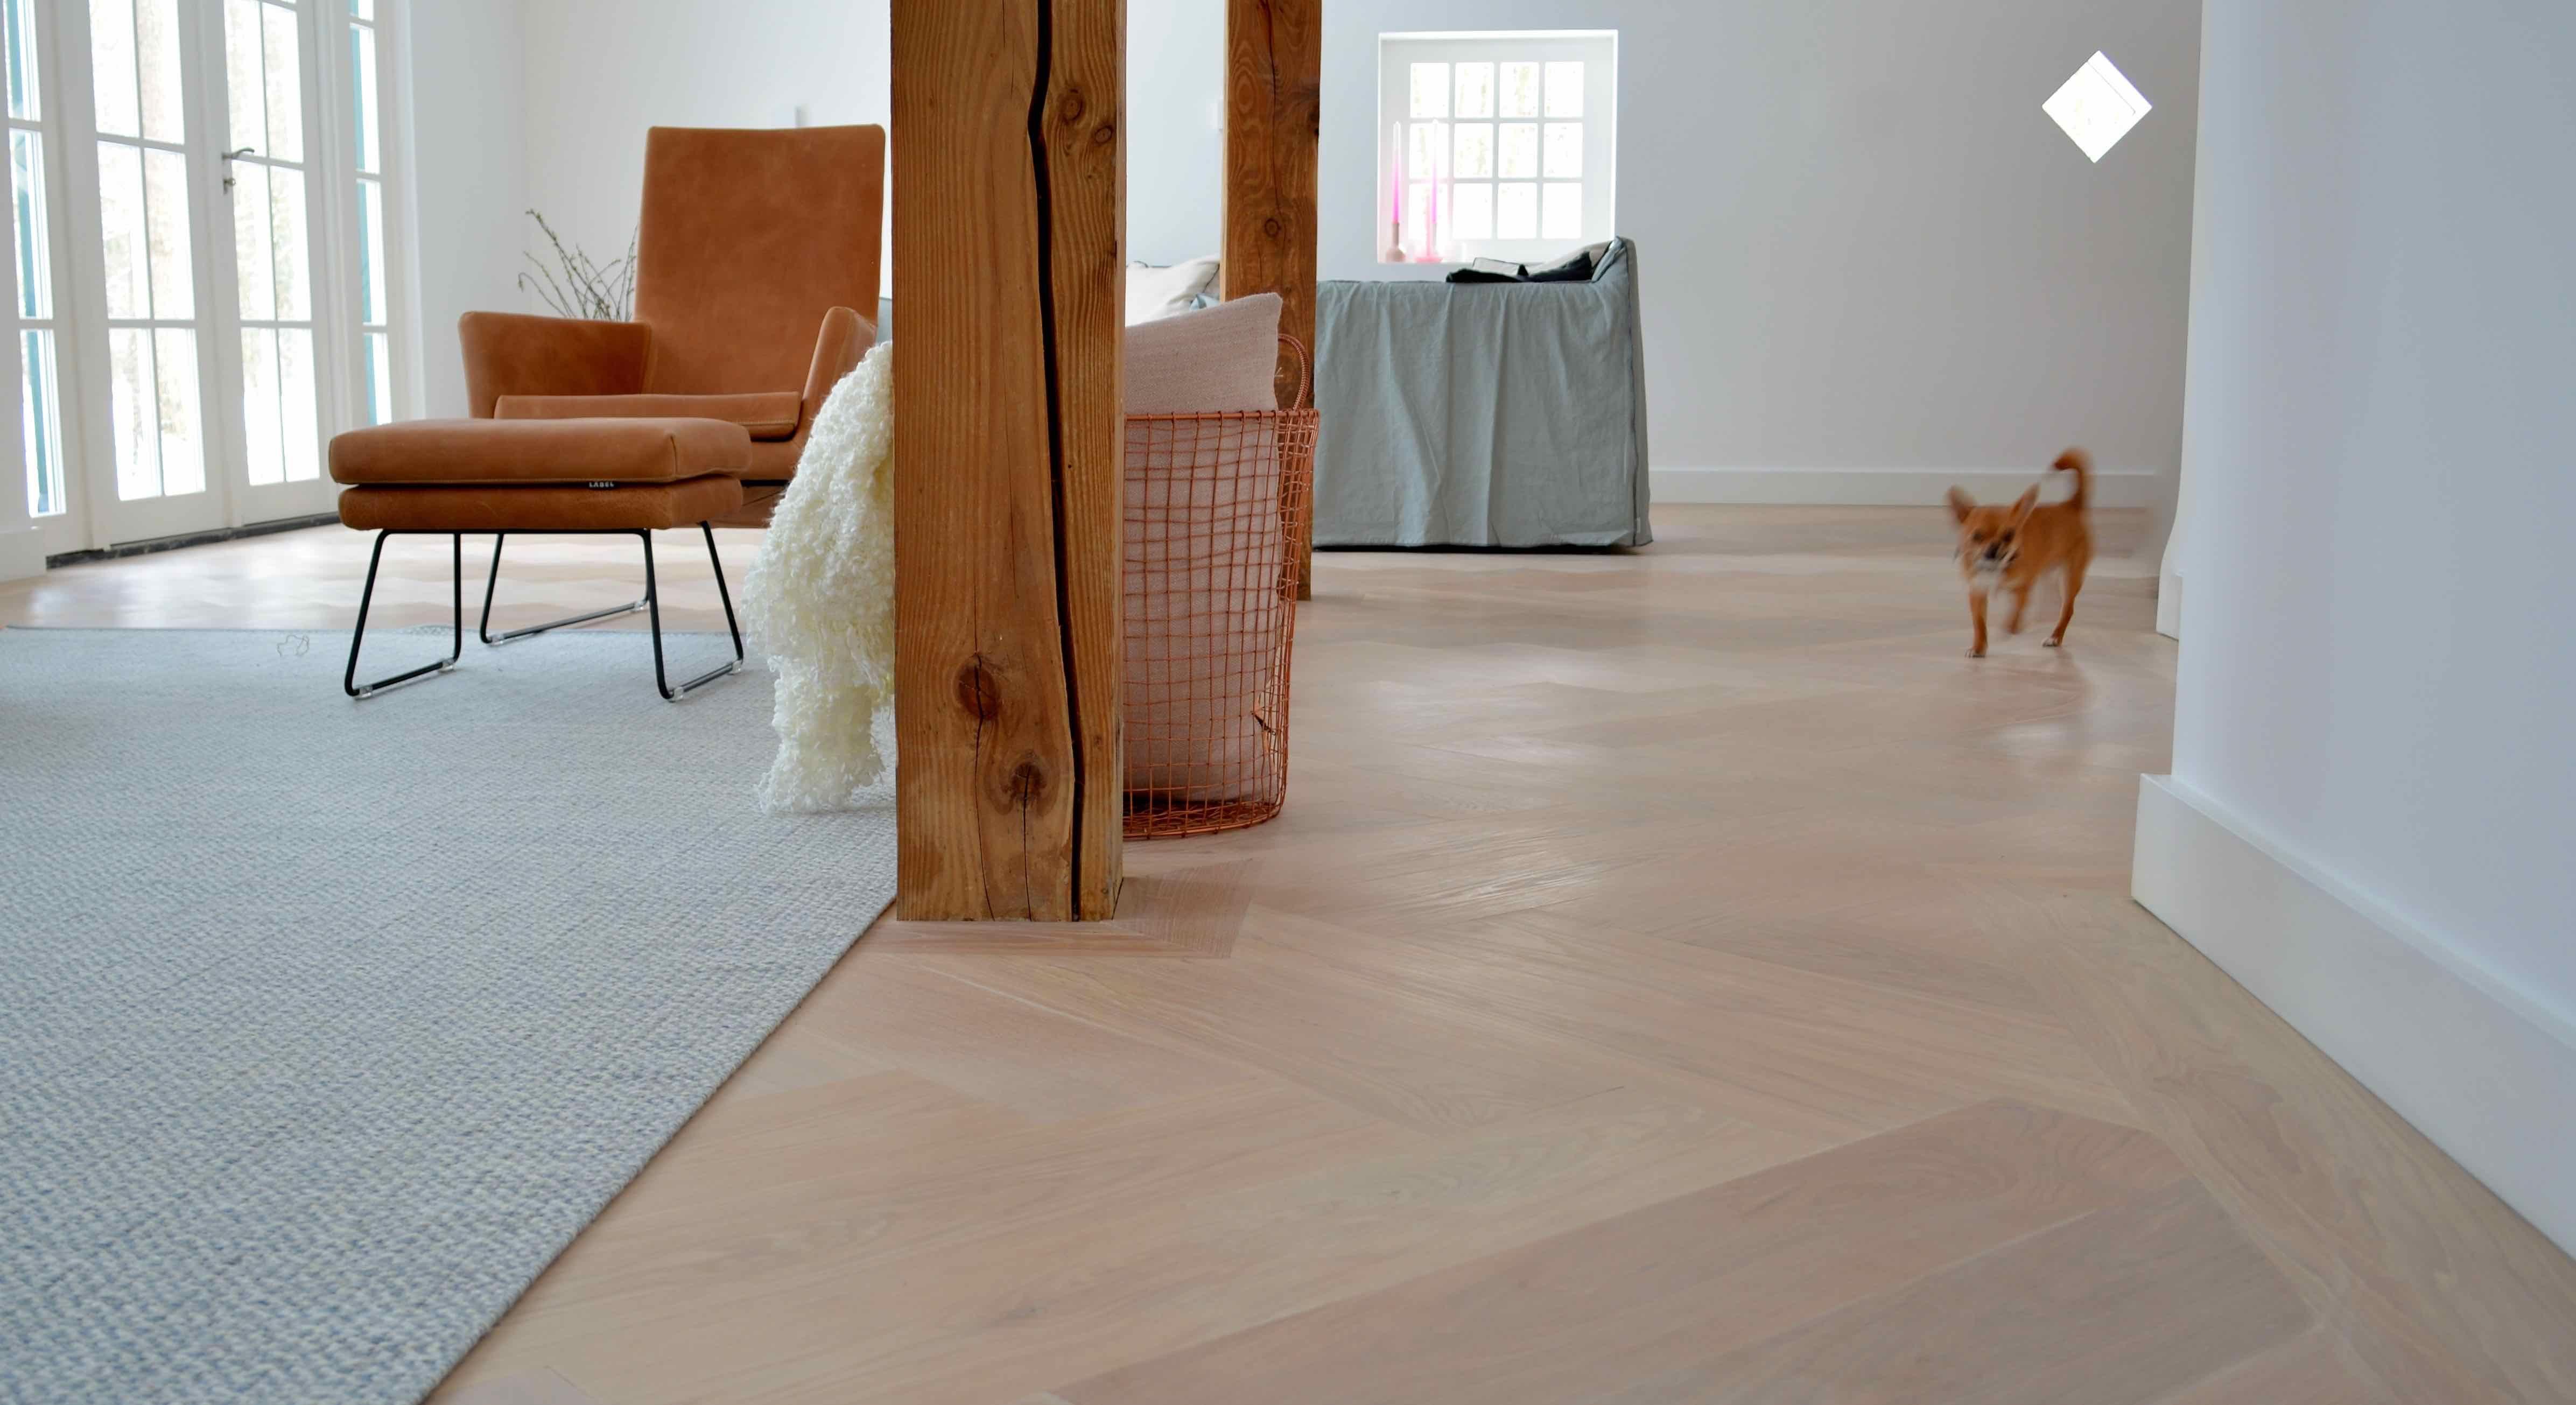 Visgraat vloer wit floors visgraat olie en vloeren